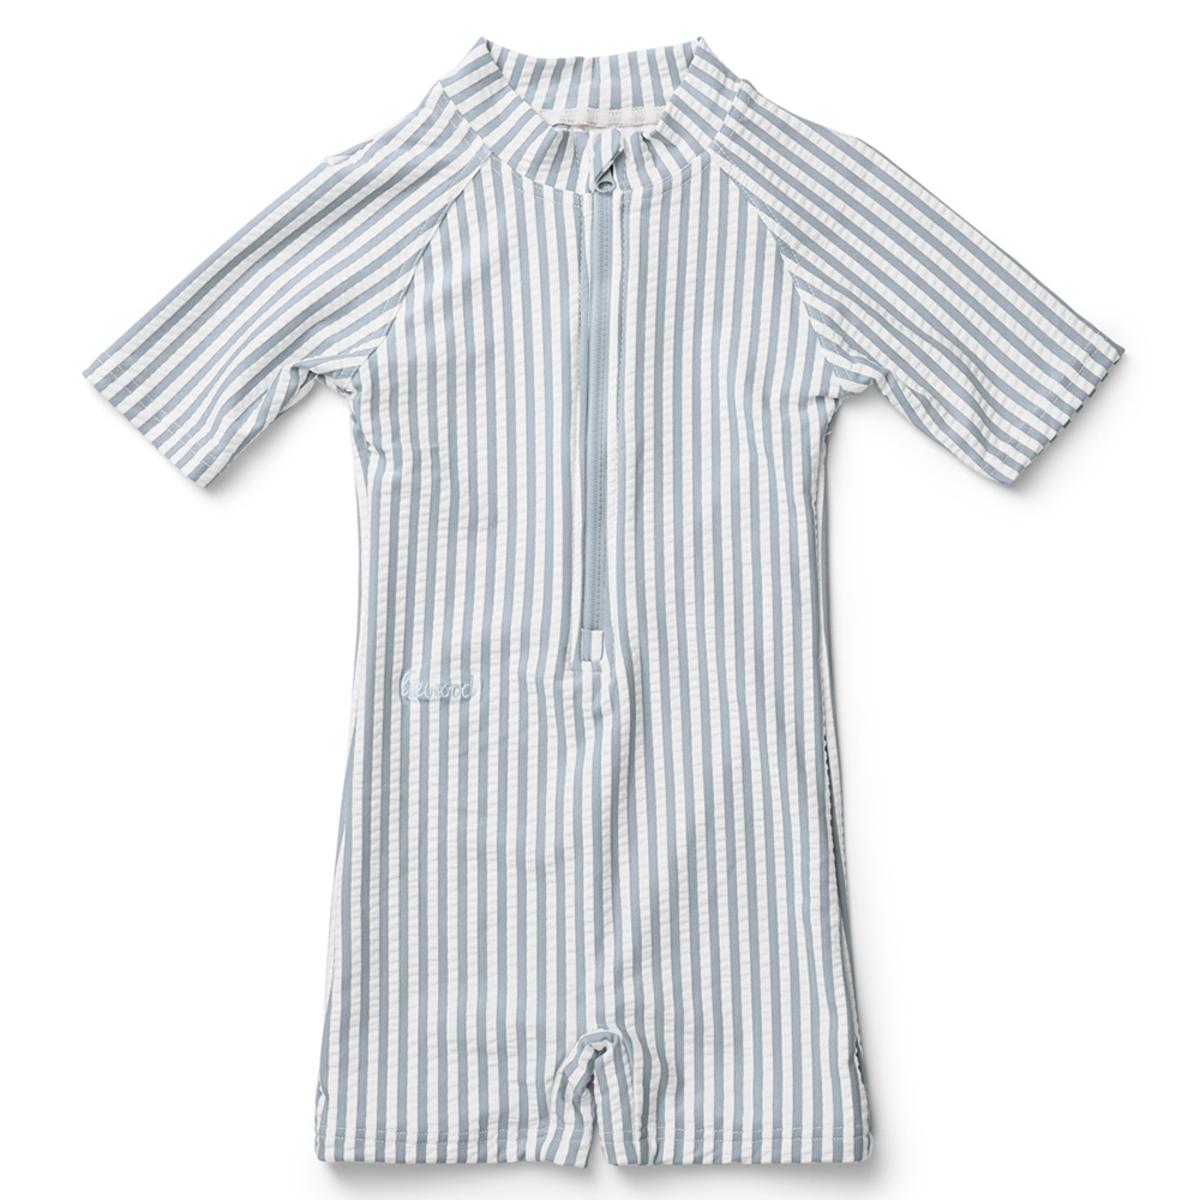 Accessoires bébé Combishort de Bain Max Rayé Bleu et Blanc - 18/36 Mois Combishort de Bain Max Rayé Bleu et Blanc - 18/36 Mois